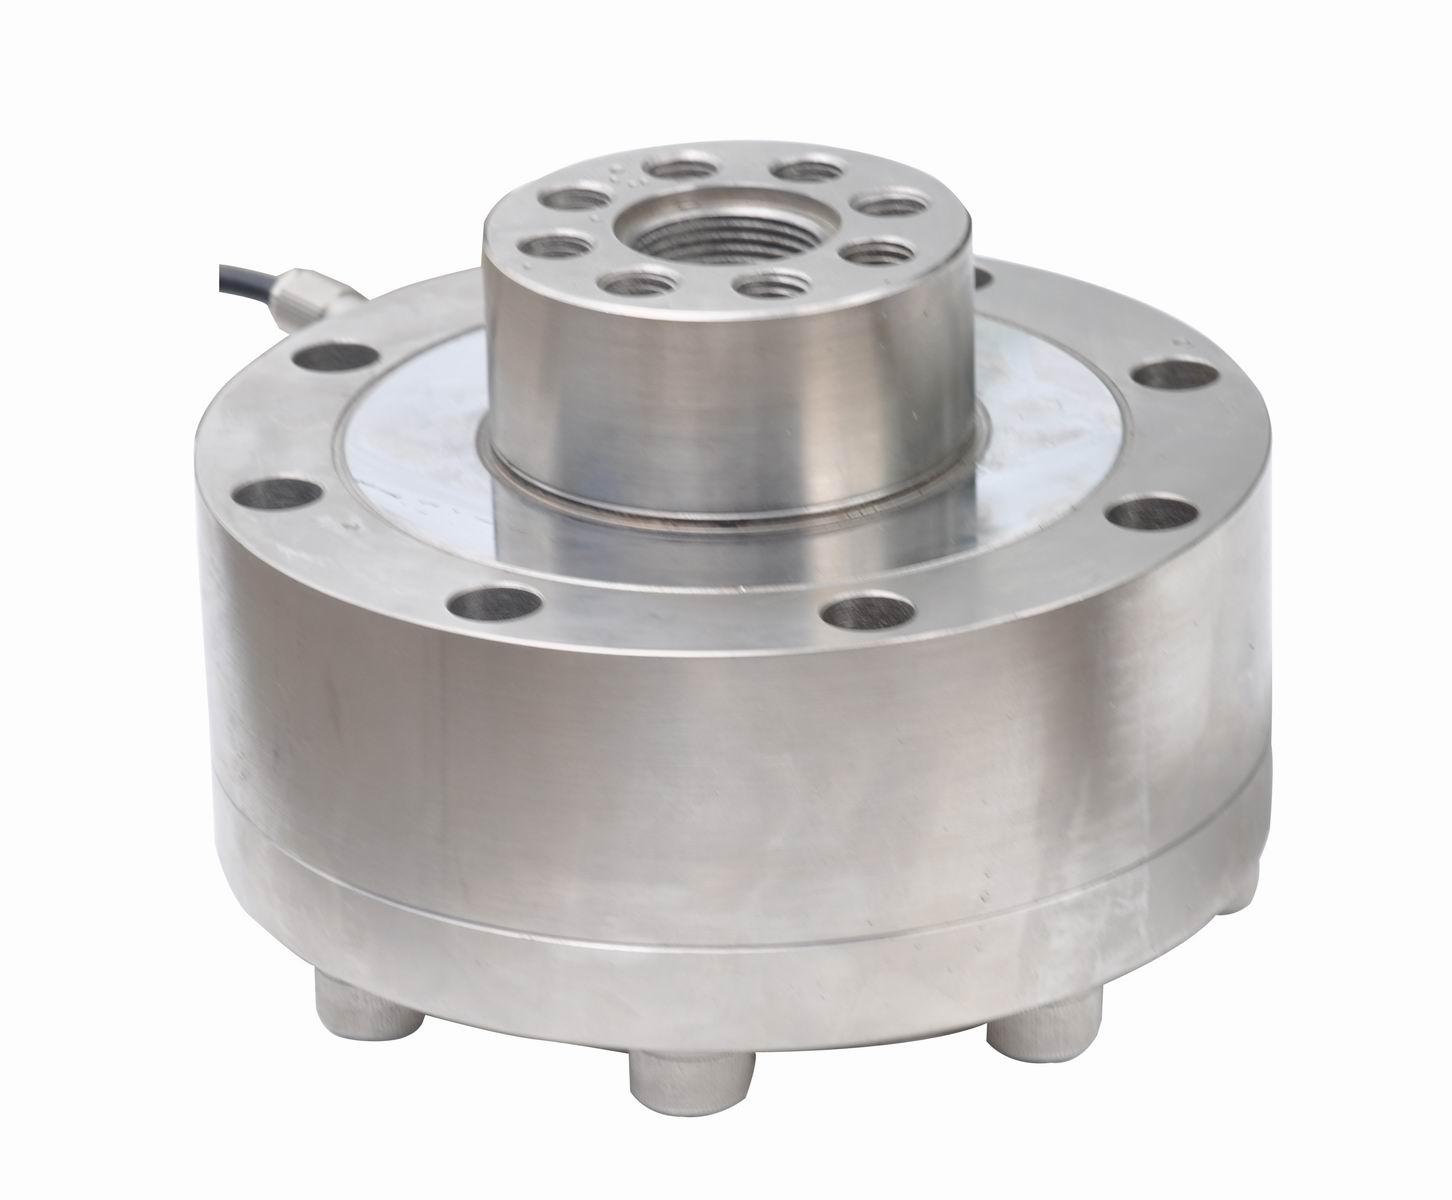 上海常衡供应 柯力LFSMC-A轮辐式称重传感器 测力机传感器 传感器厂家